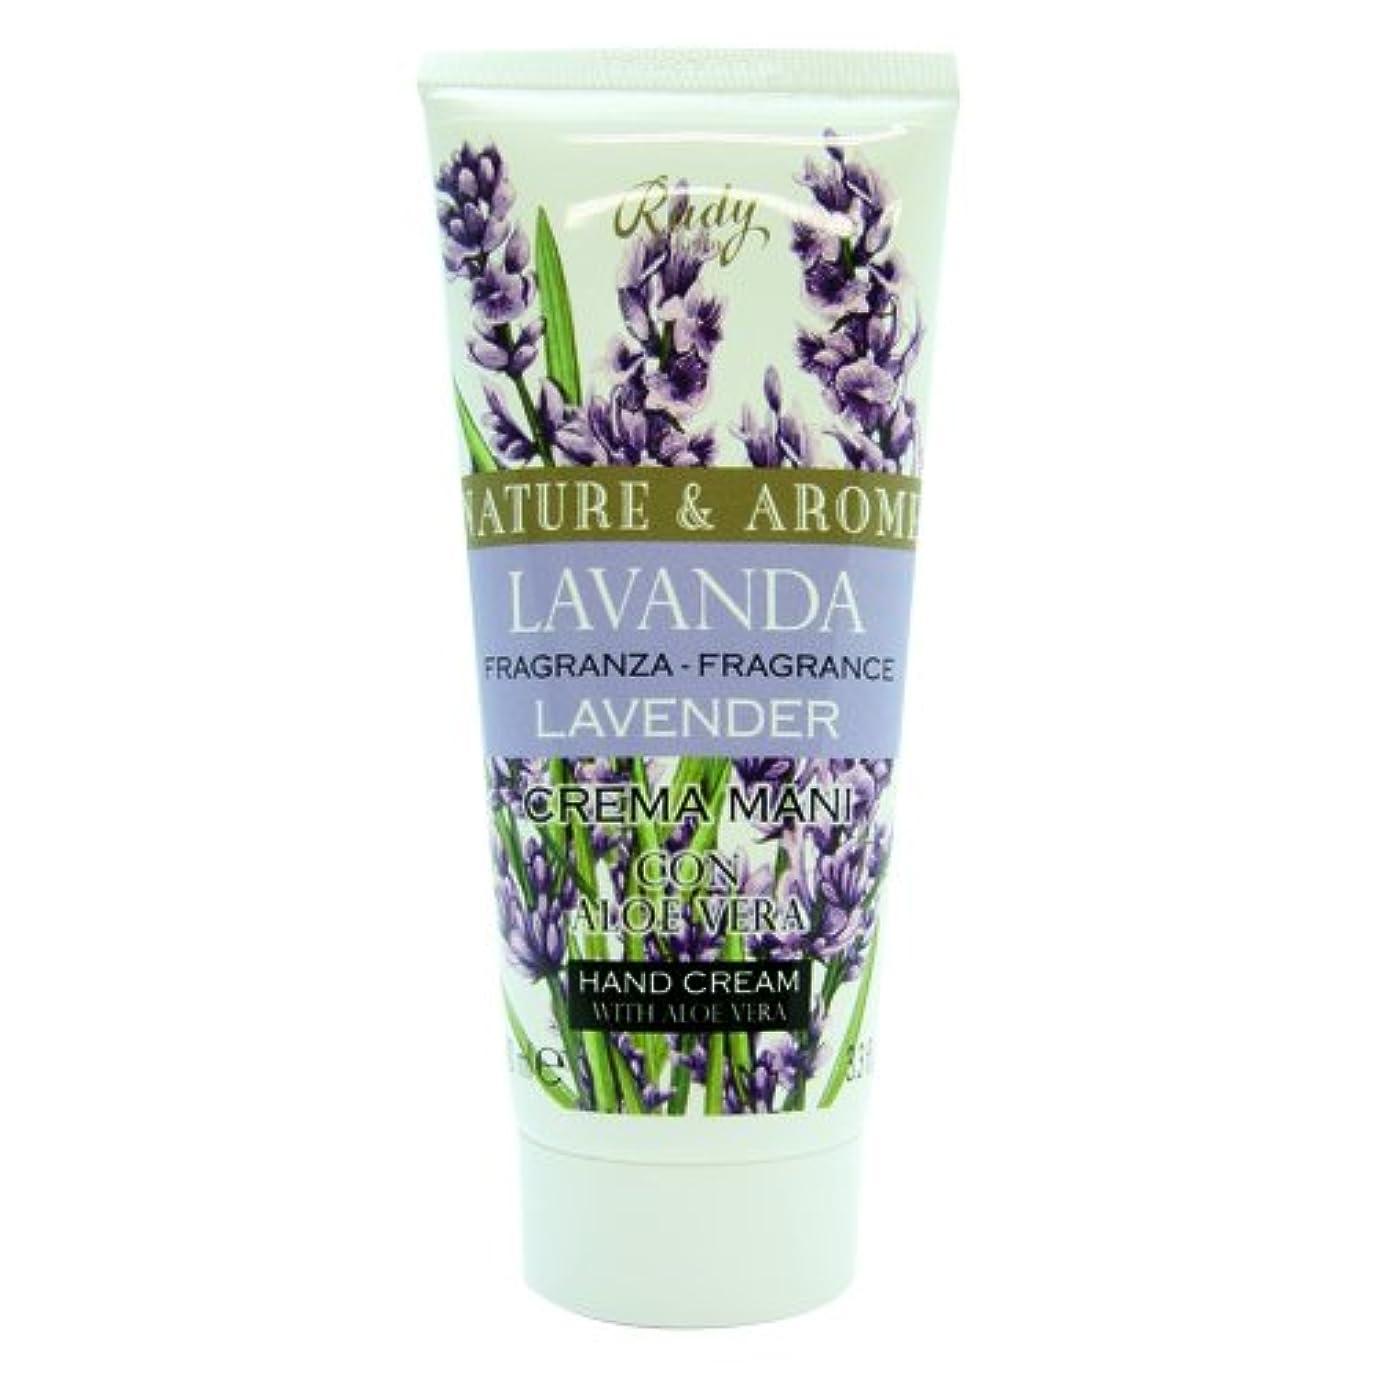 中古壁紙開梱RUDY Nature&Arome SERIES ルディ ナチュール&アロマ Hand Cream ハンドクリーム  Lavender ラベンダー